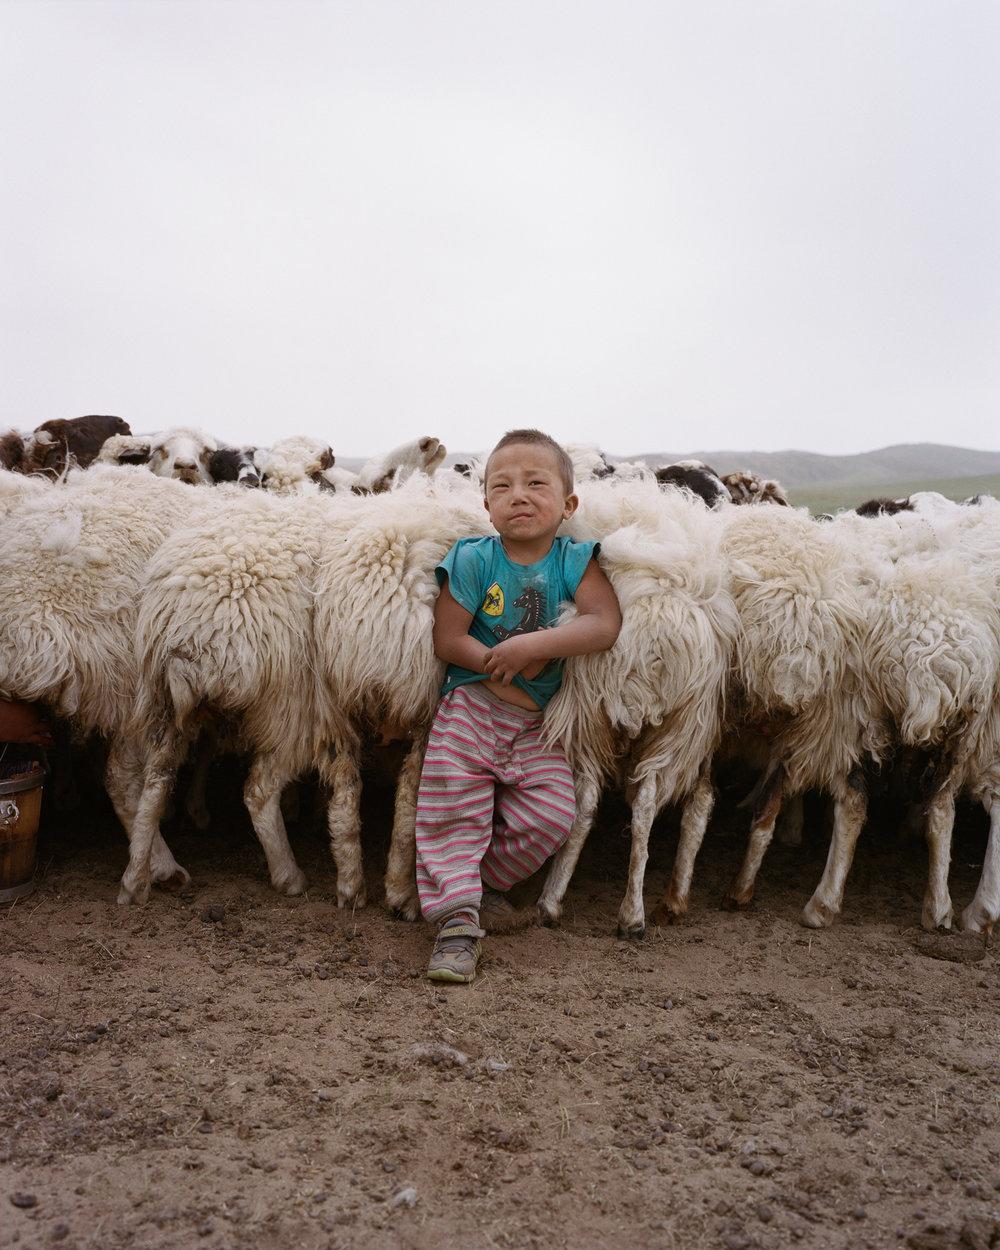 Mongolia, 2018